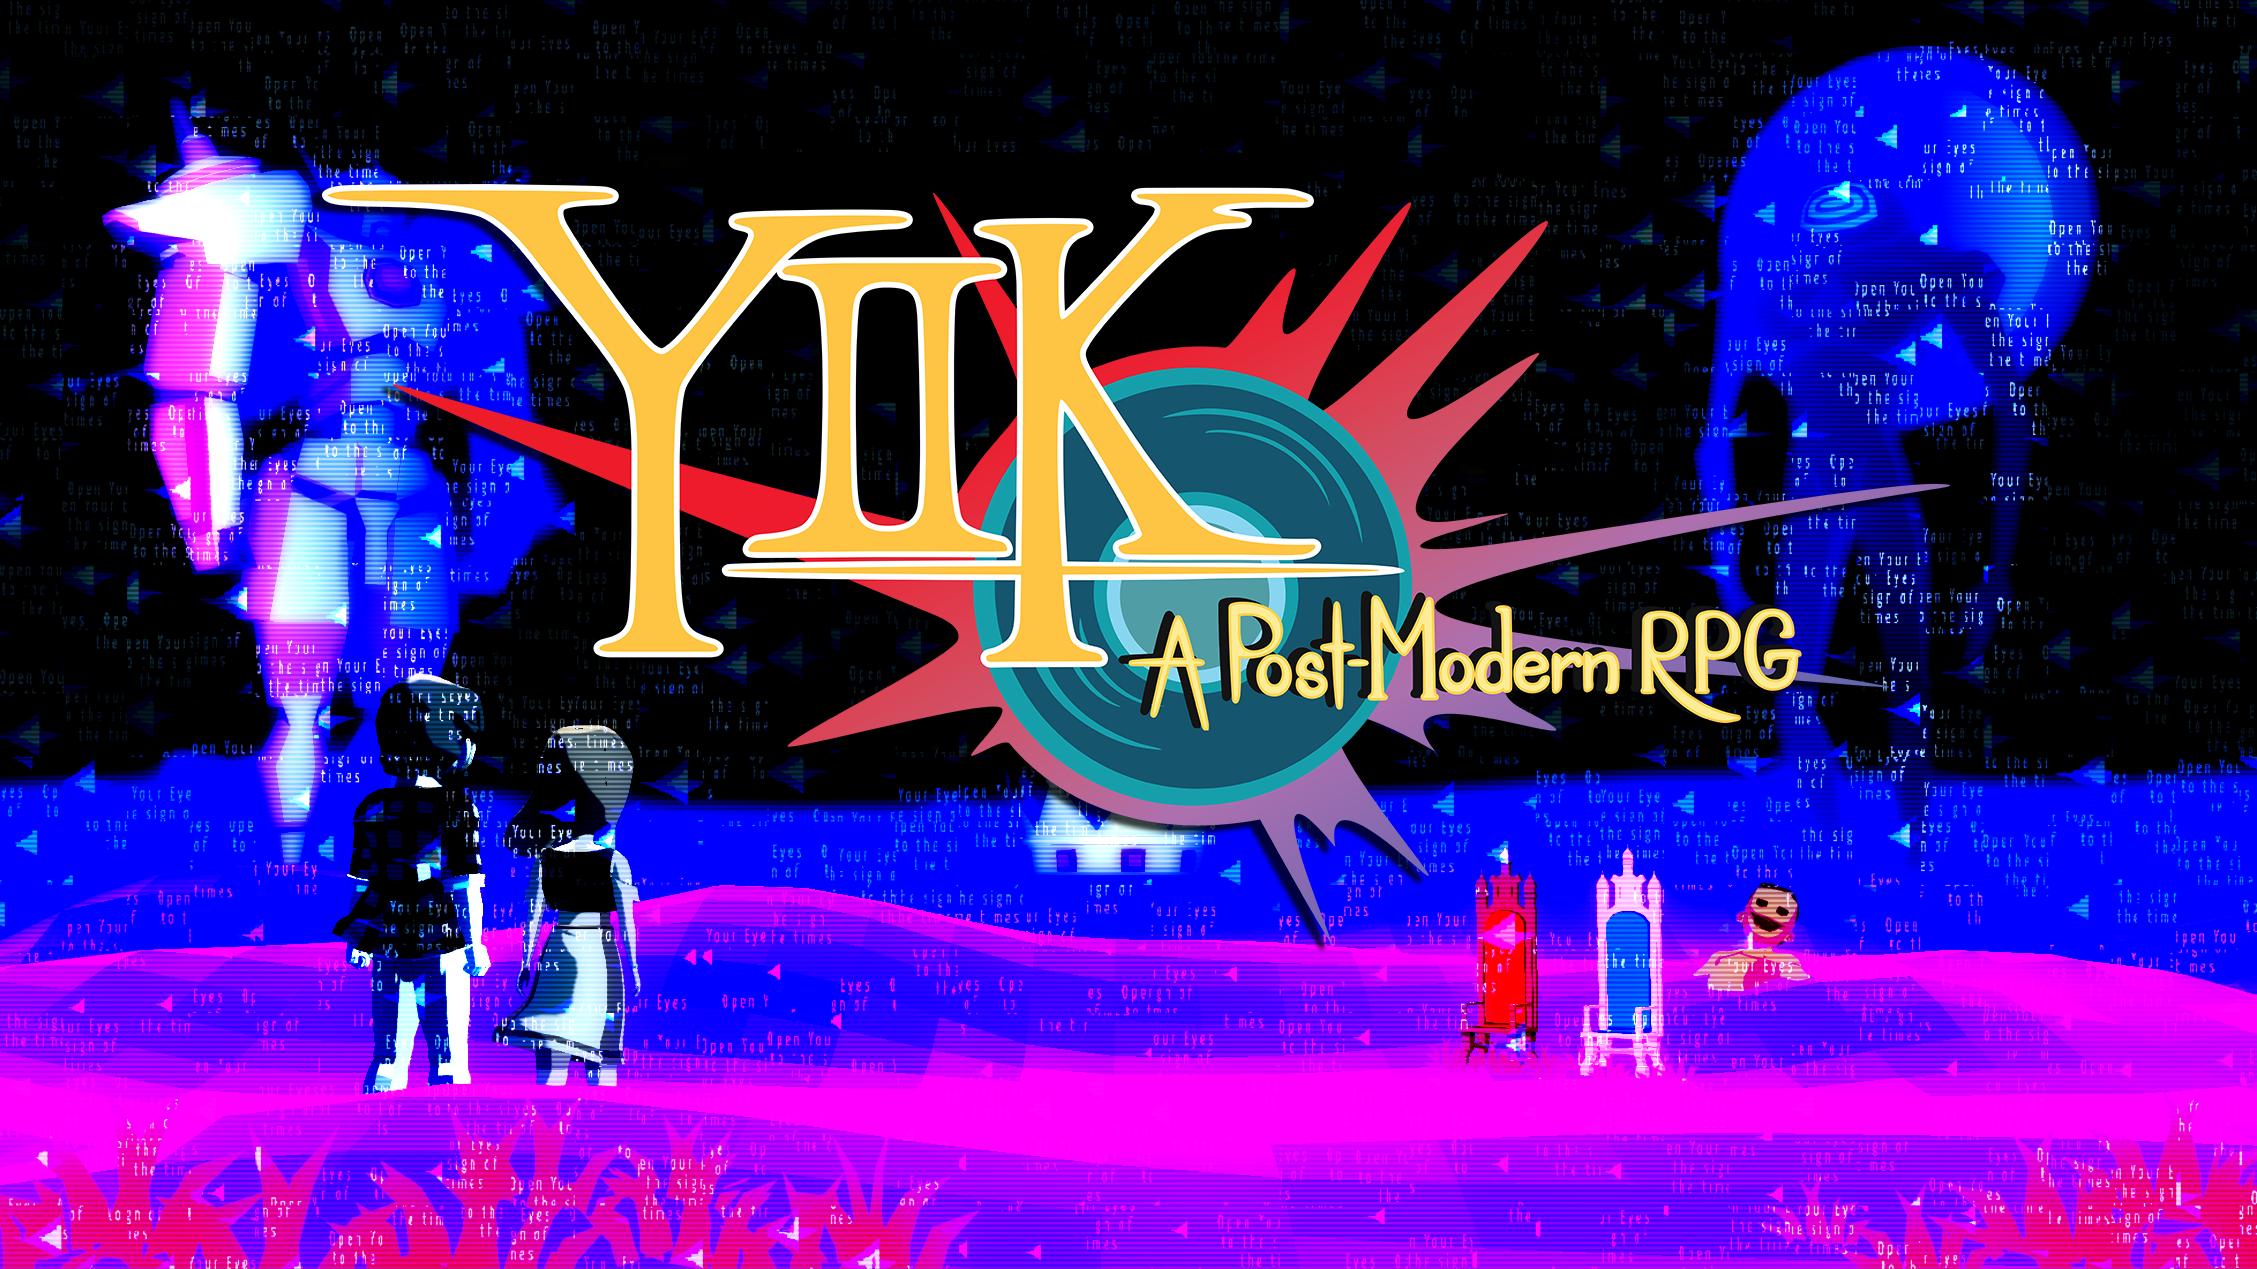 YIIK: A Postmodern RPG